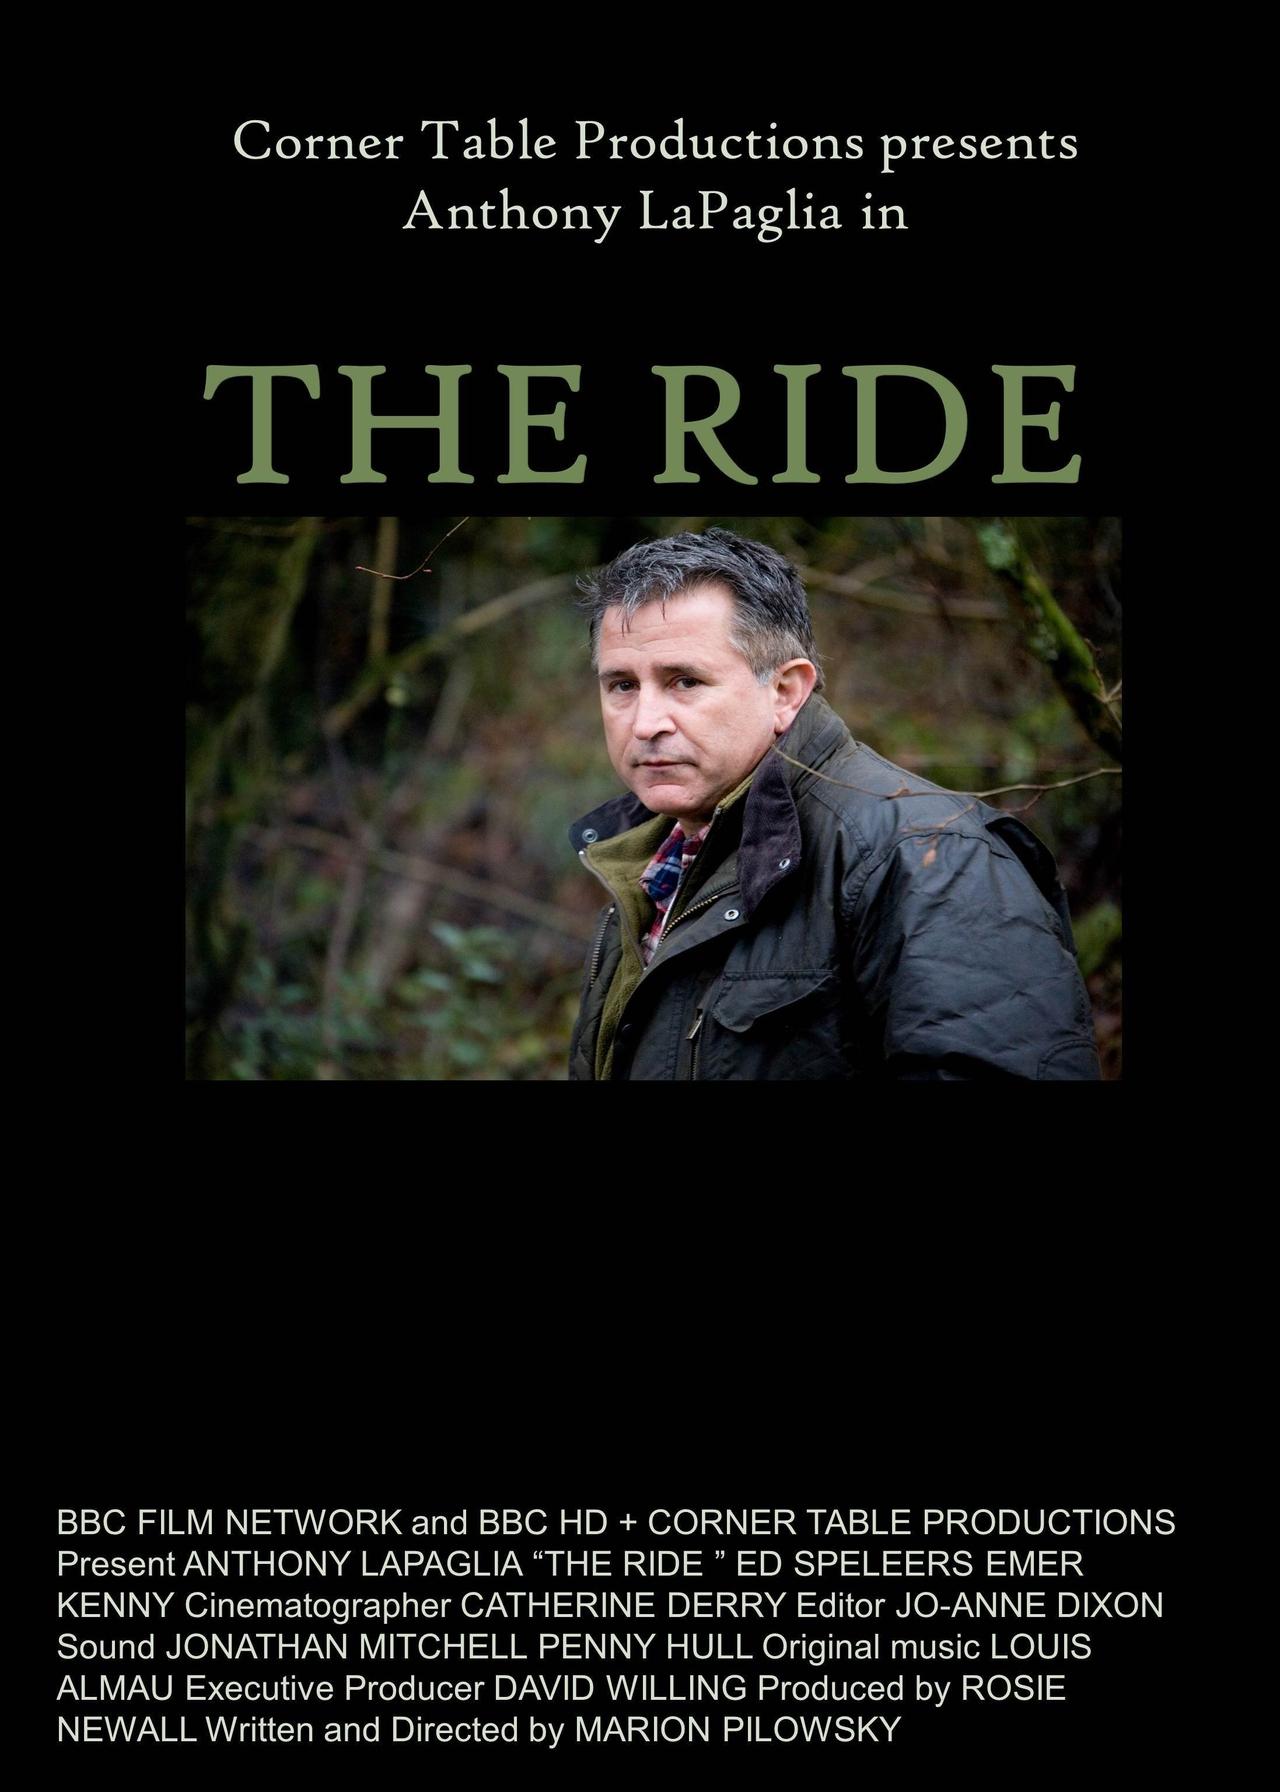 فیلم سینمایی The Ride به کارگردانی Marion Pilowsky